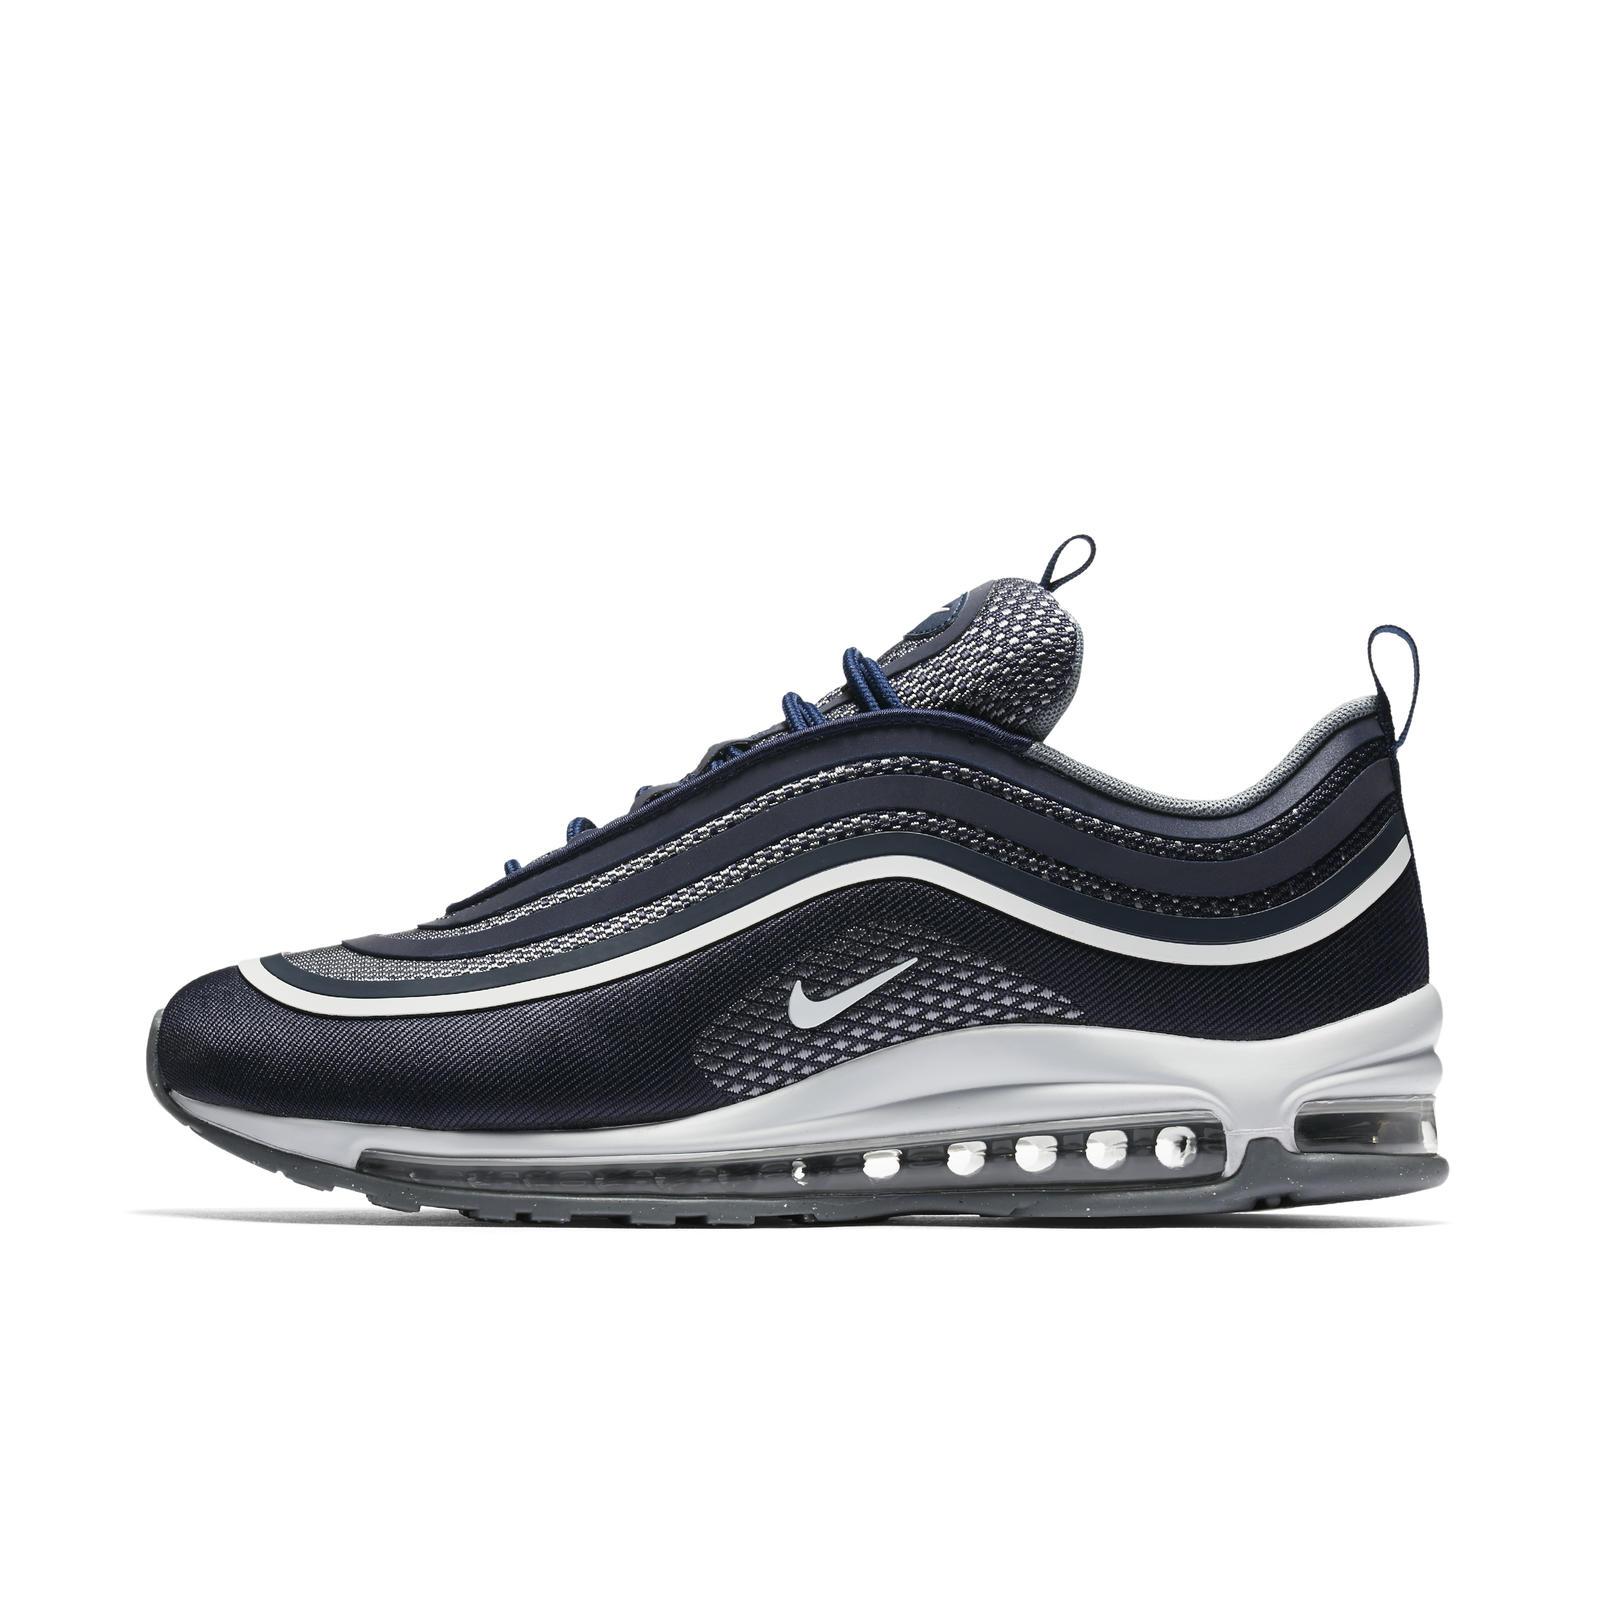 sneakers for cheap deb3d 1bc8b australia nike silver air max 97 foot locker 16e48 bf763